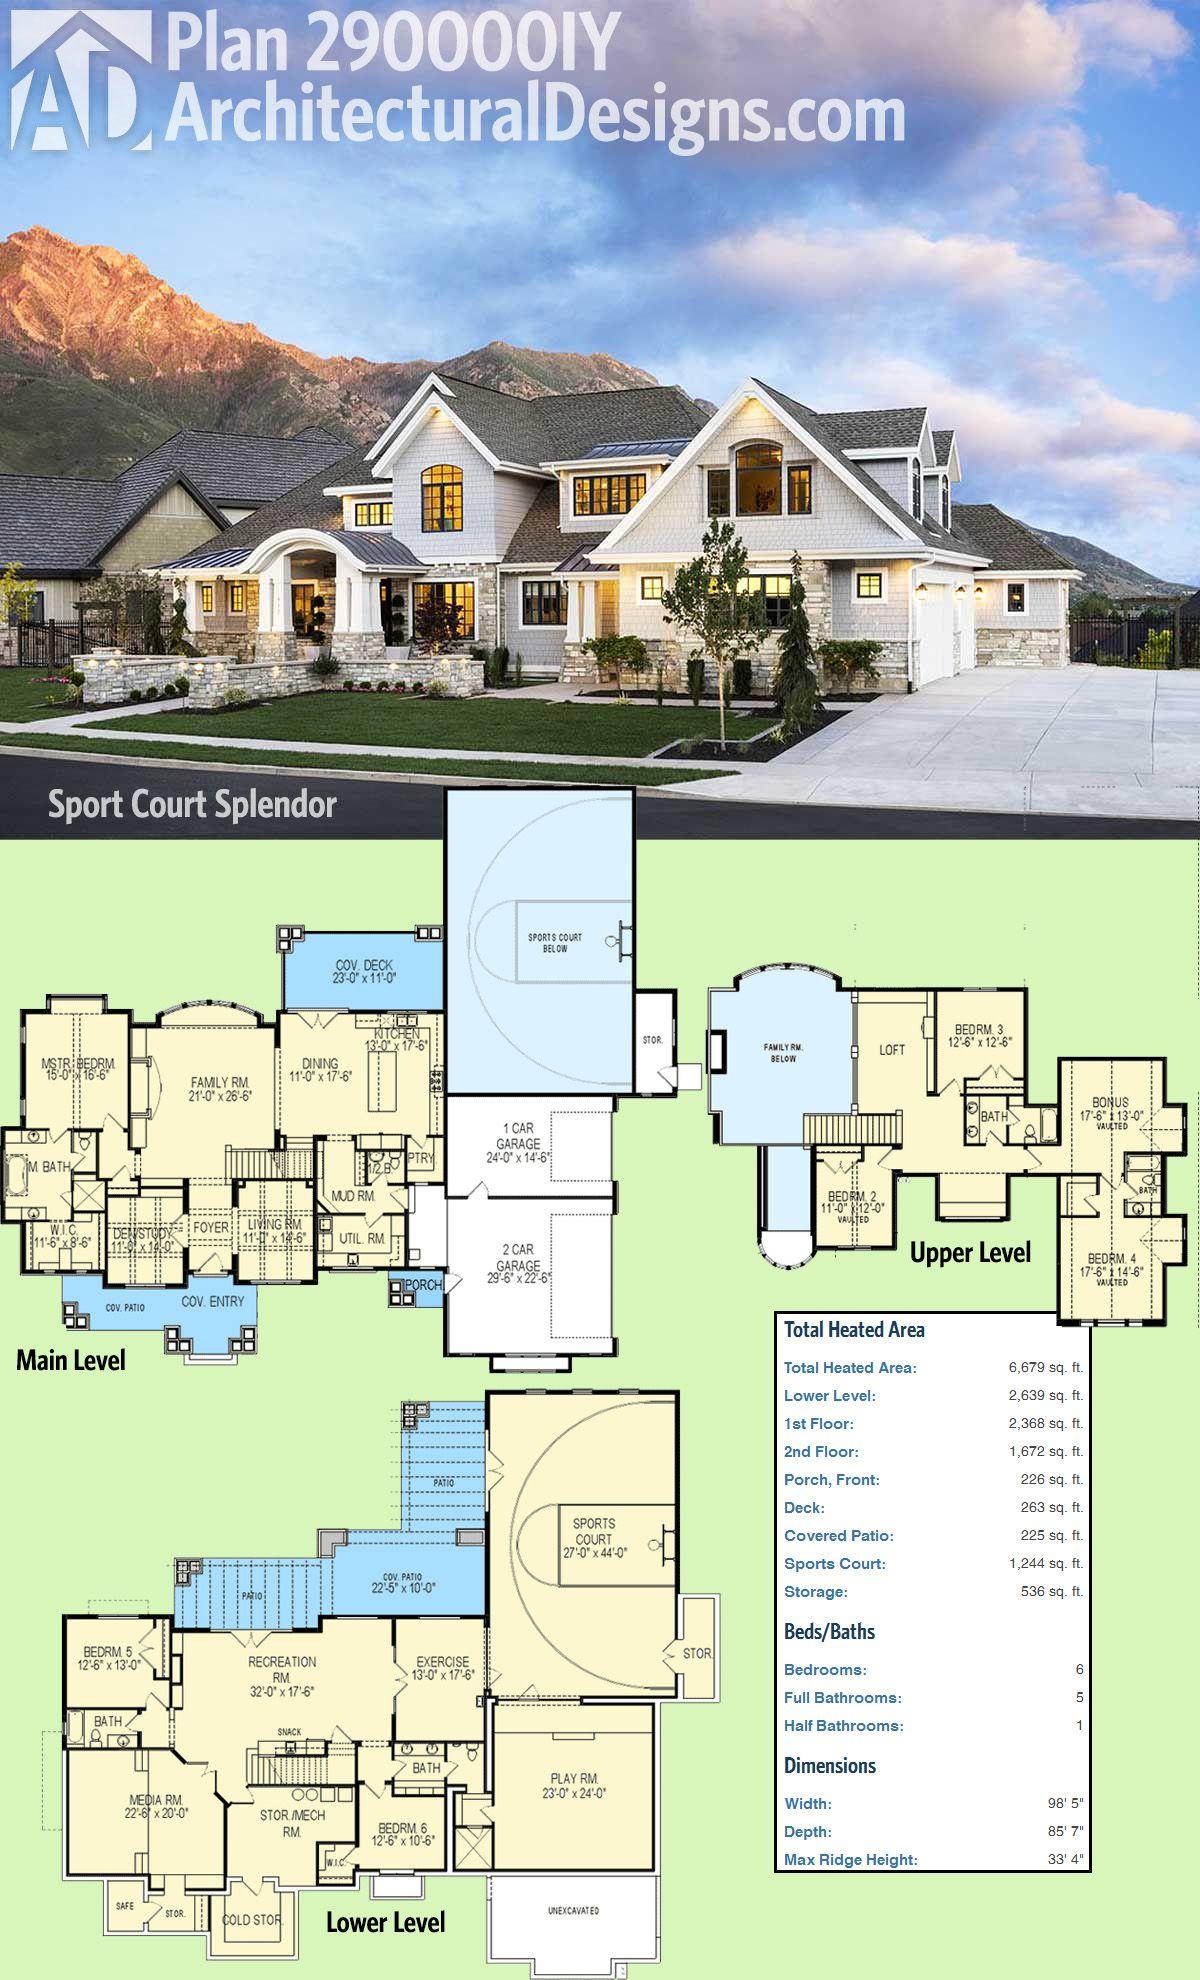 Plan 290000IY: Sport Court Splendor